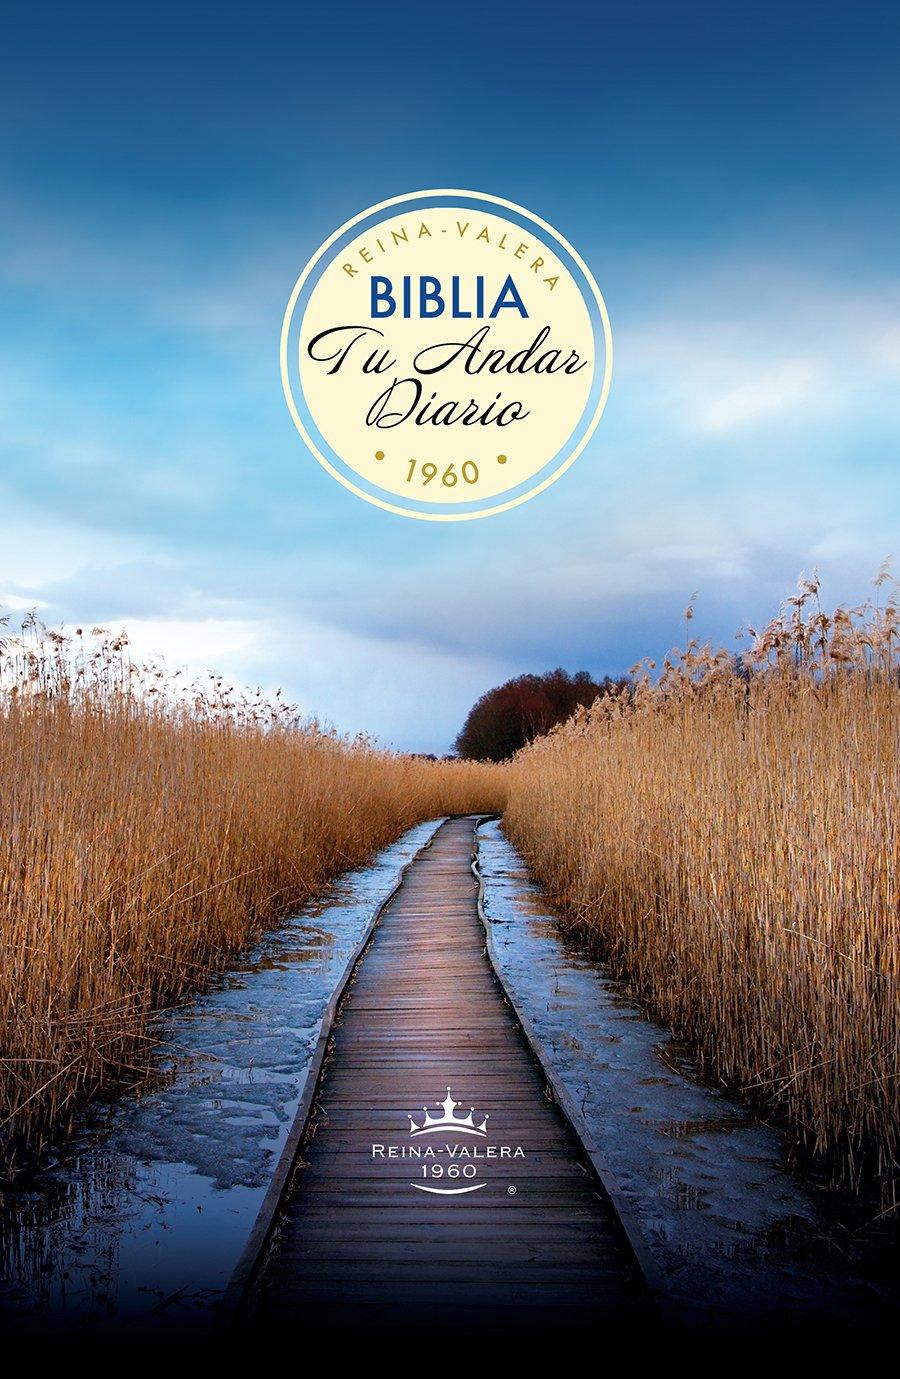 Biblia Tu Andar Diario - Camino Azul